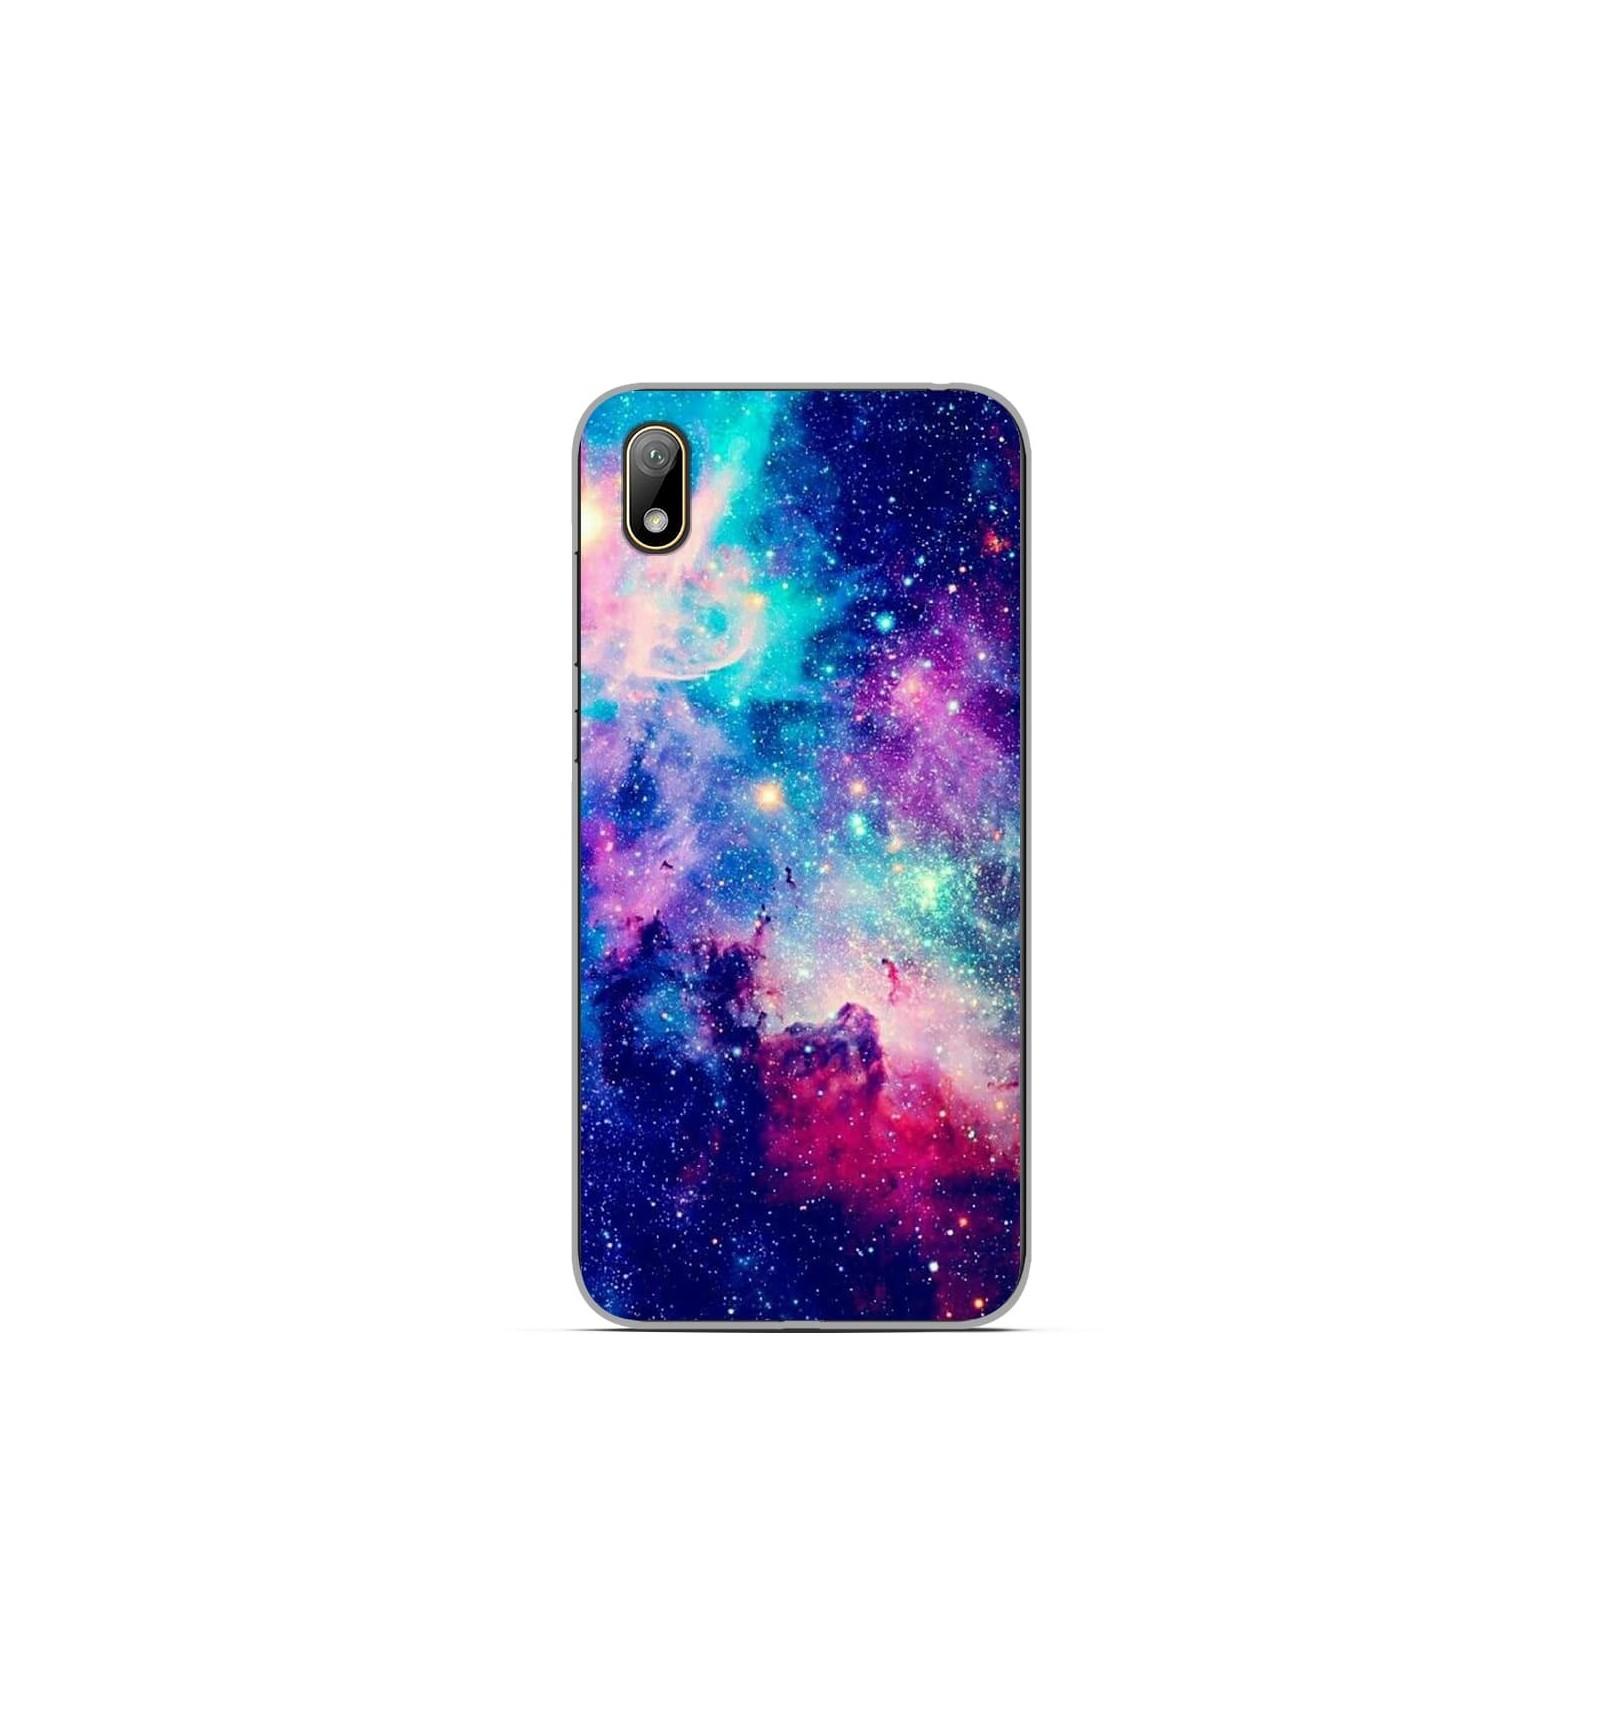 Coque en silicone Huawei Y5 2019 - Galaxie Bleue